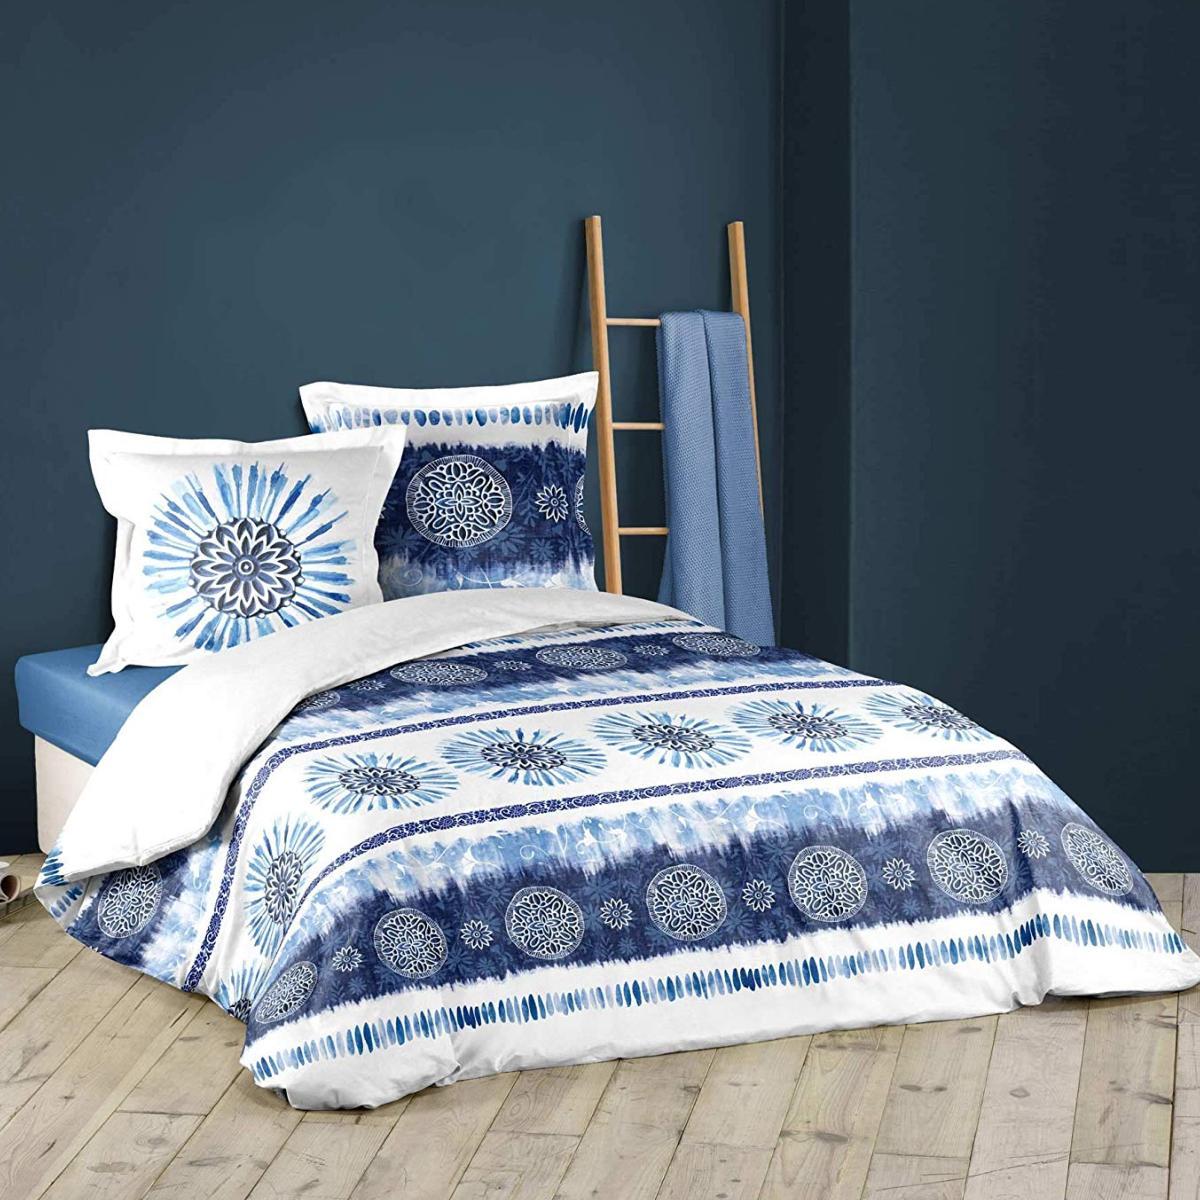 Housse De Couette Bloomabelle Mandala Bleu 220x240cm Coton J K Markets